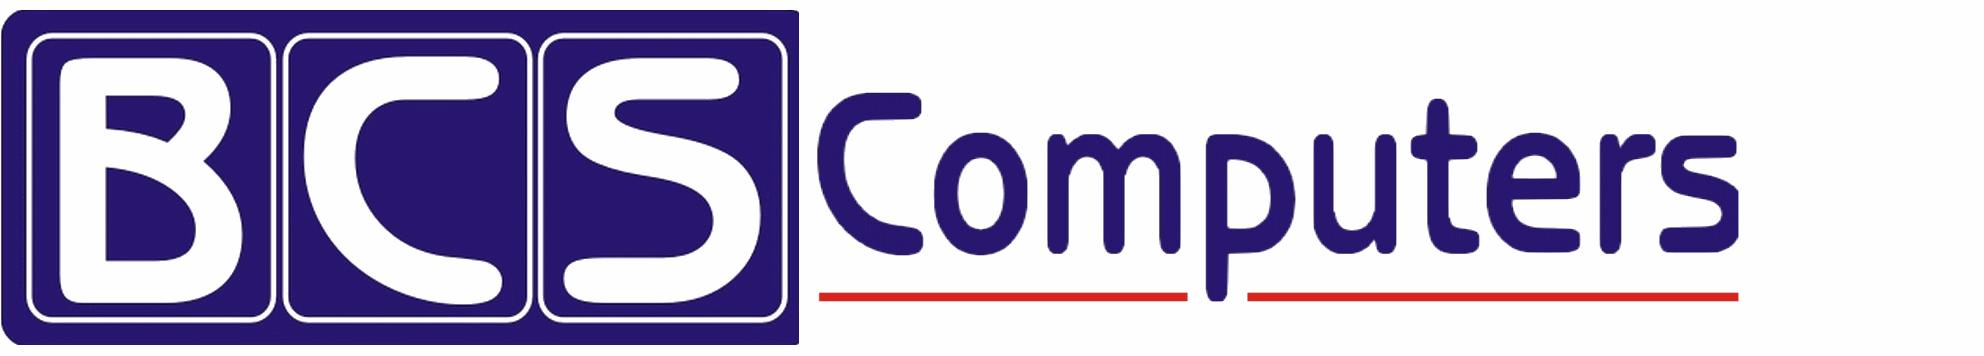 BCS COMPUTERS